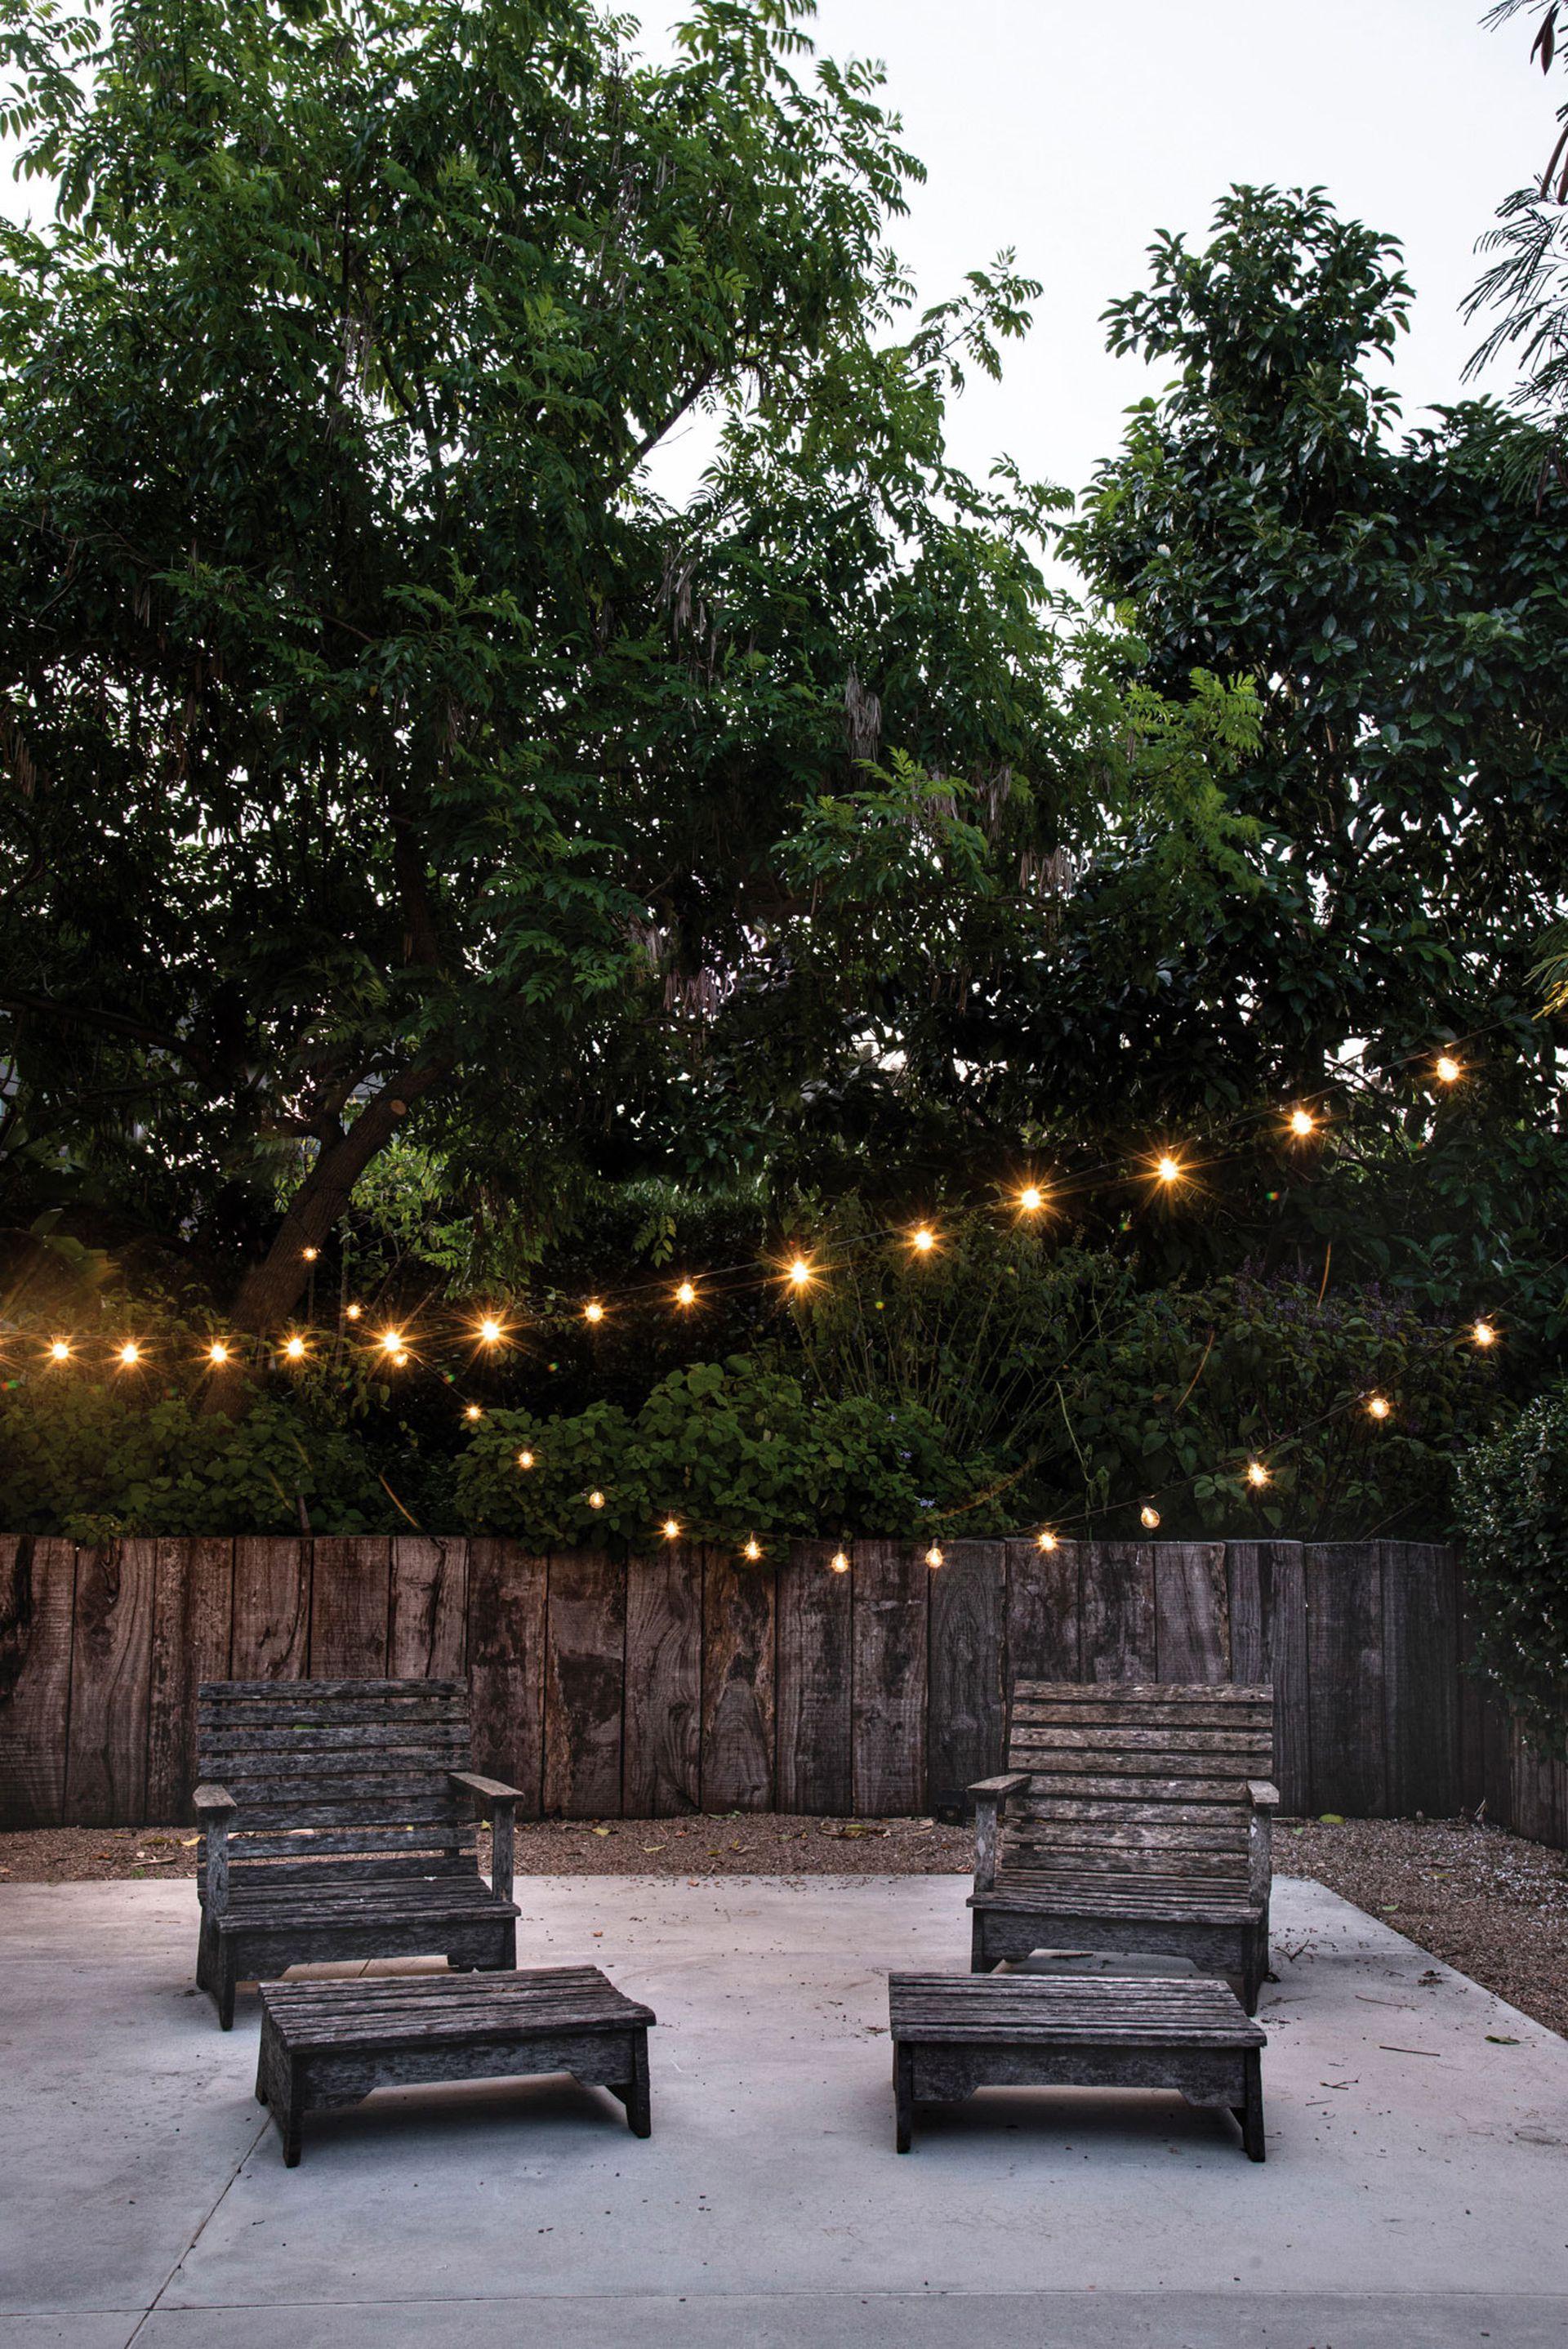 Las guirnaldas de luces, con dos intensidades (100% y 75%), se comercializan de 6 metros de longitud por tira, lo que permite armar escenas y situaciones rápidamente. Cantidad de lámparas: 20. IP65, apto intemperie. (LitexLed).